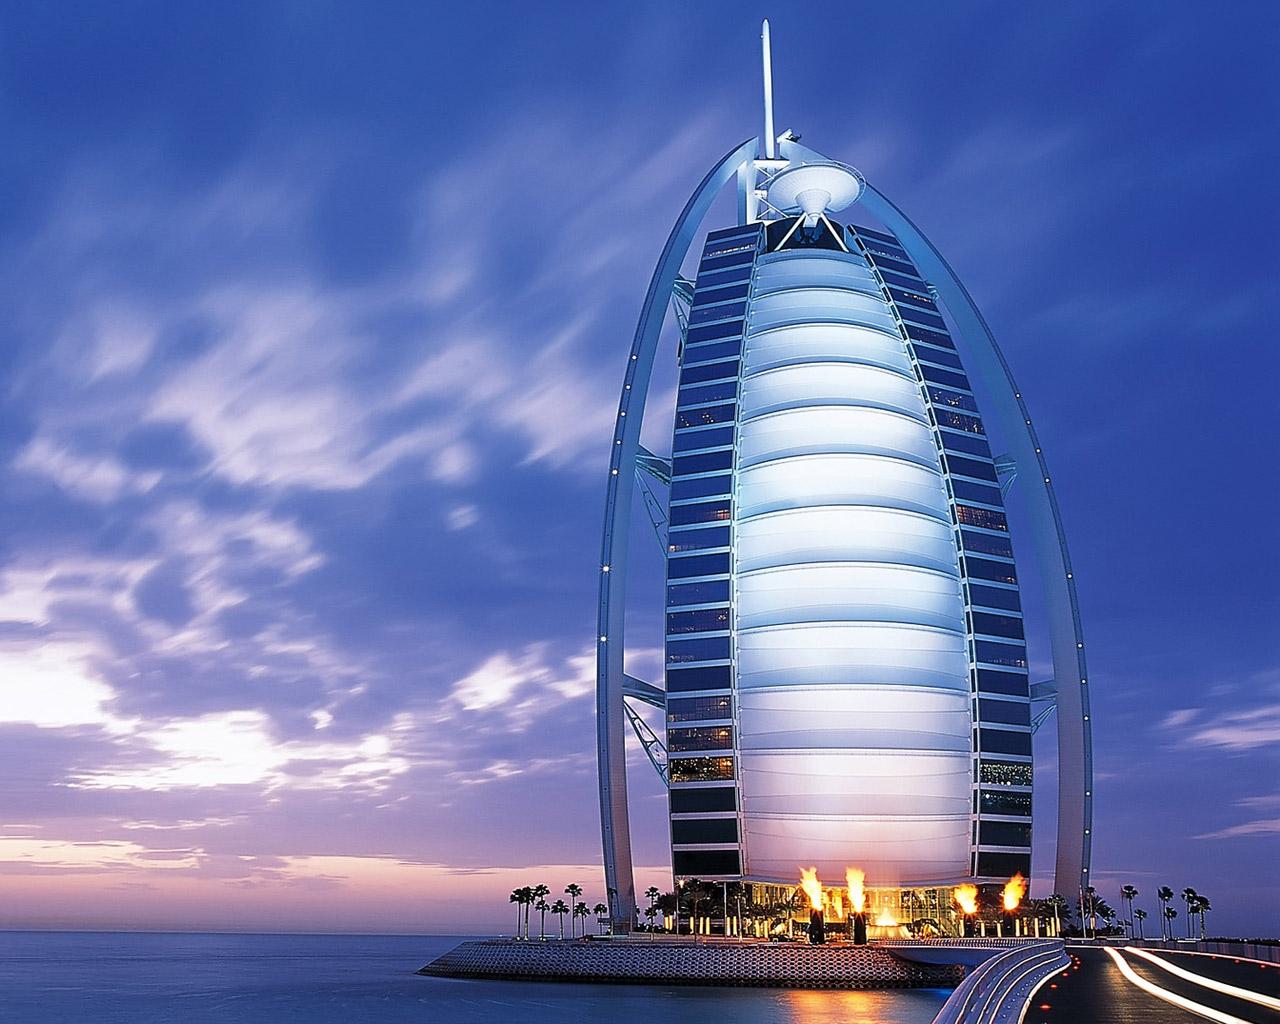 http://3.bp.blogspot.com/-98YLgaL2yrg/TgXoFRQSClI/AAAAAAAAHoc/AoOjoaolRPQ/s1600/Dubai-UAE-Wallpaper.jpg